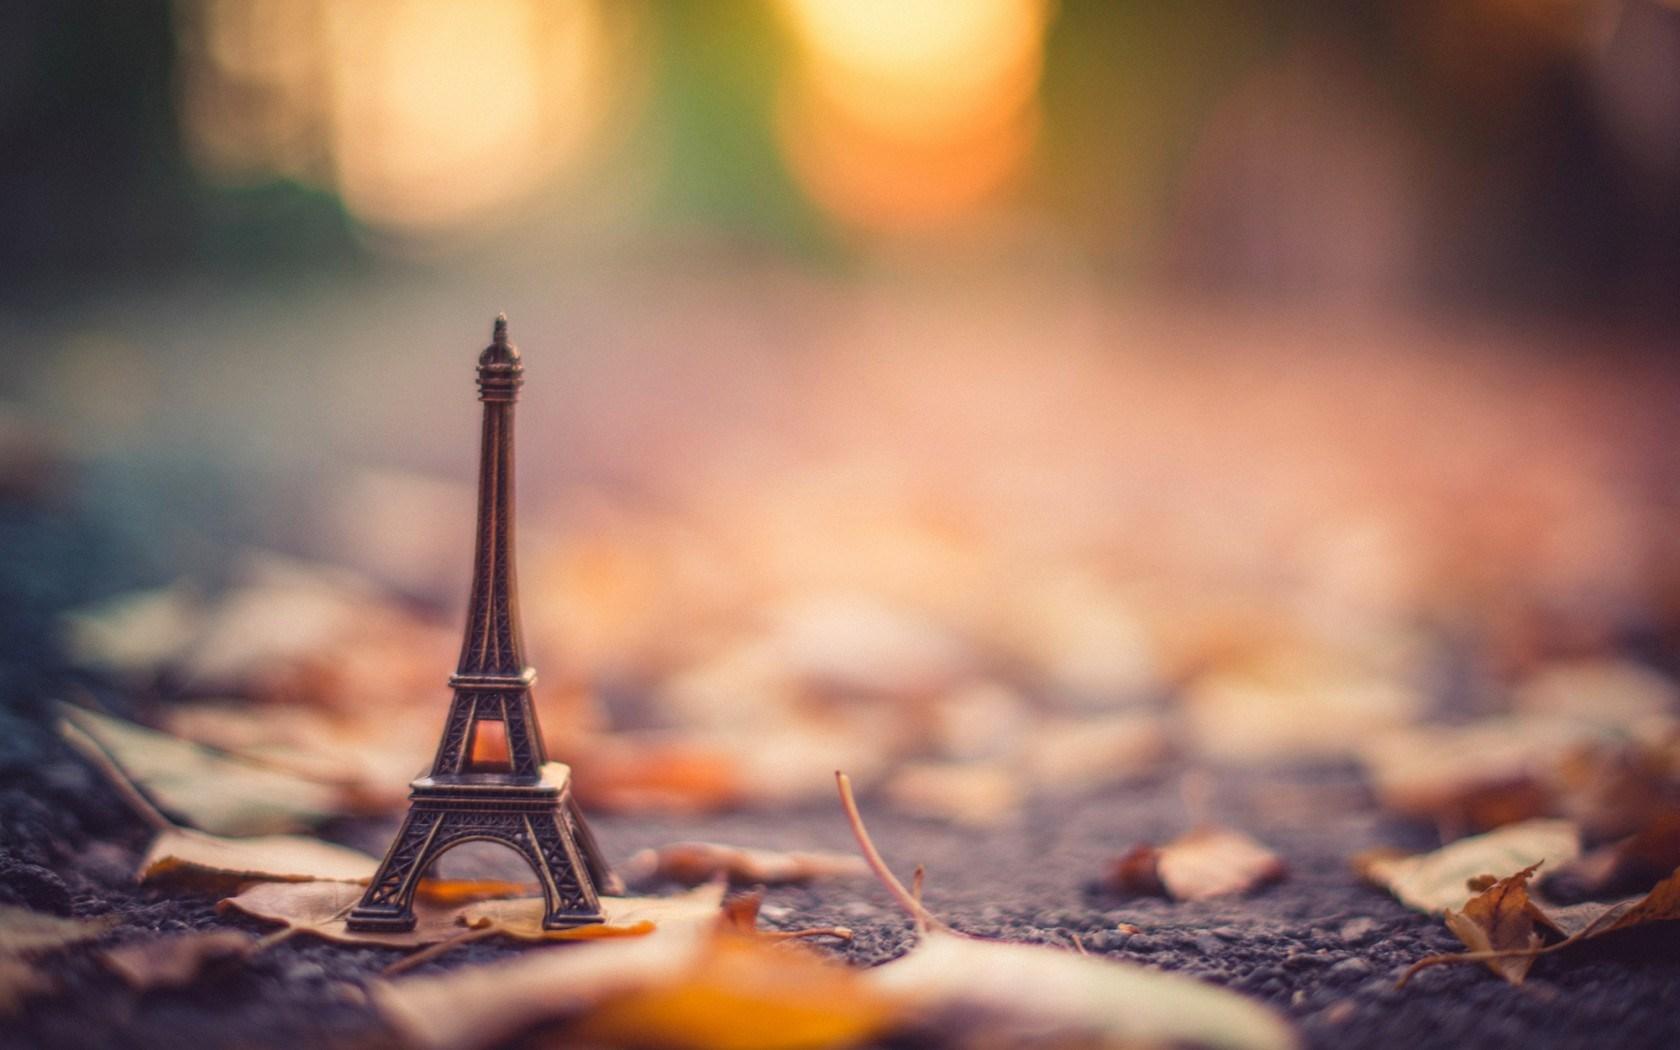 Statue La Tour Eiffel Leaves Dry Autumn